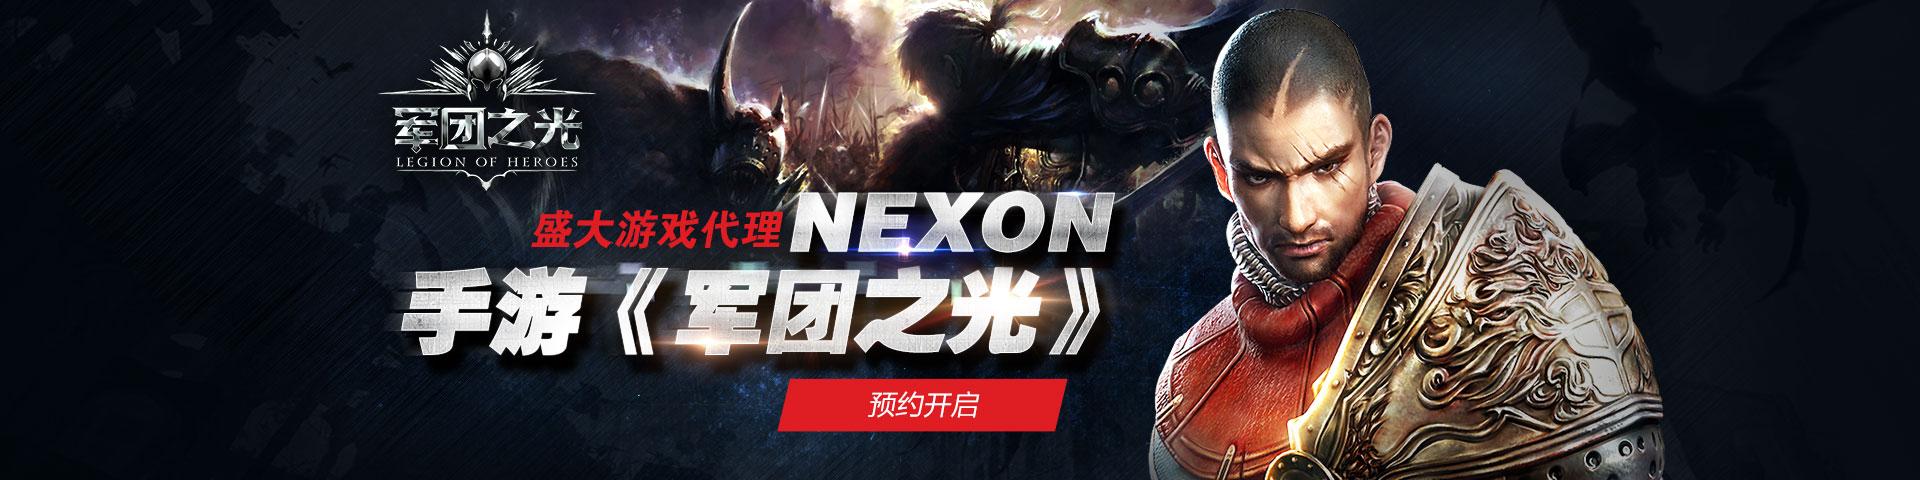 盛大游戏代理NEXON手游《军团之光》 预约开启